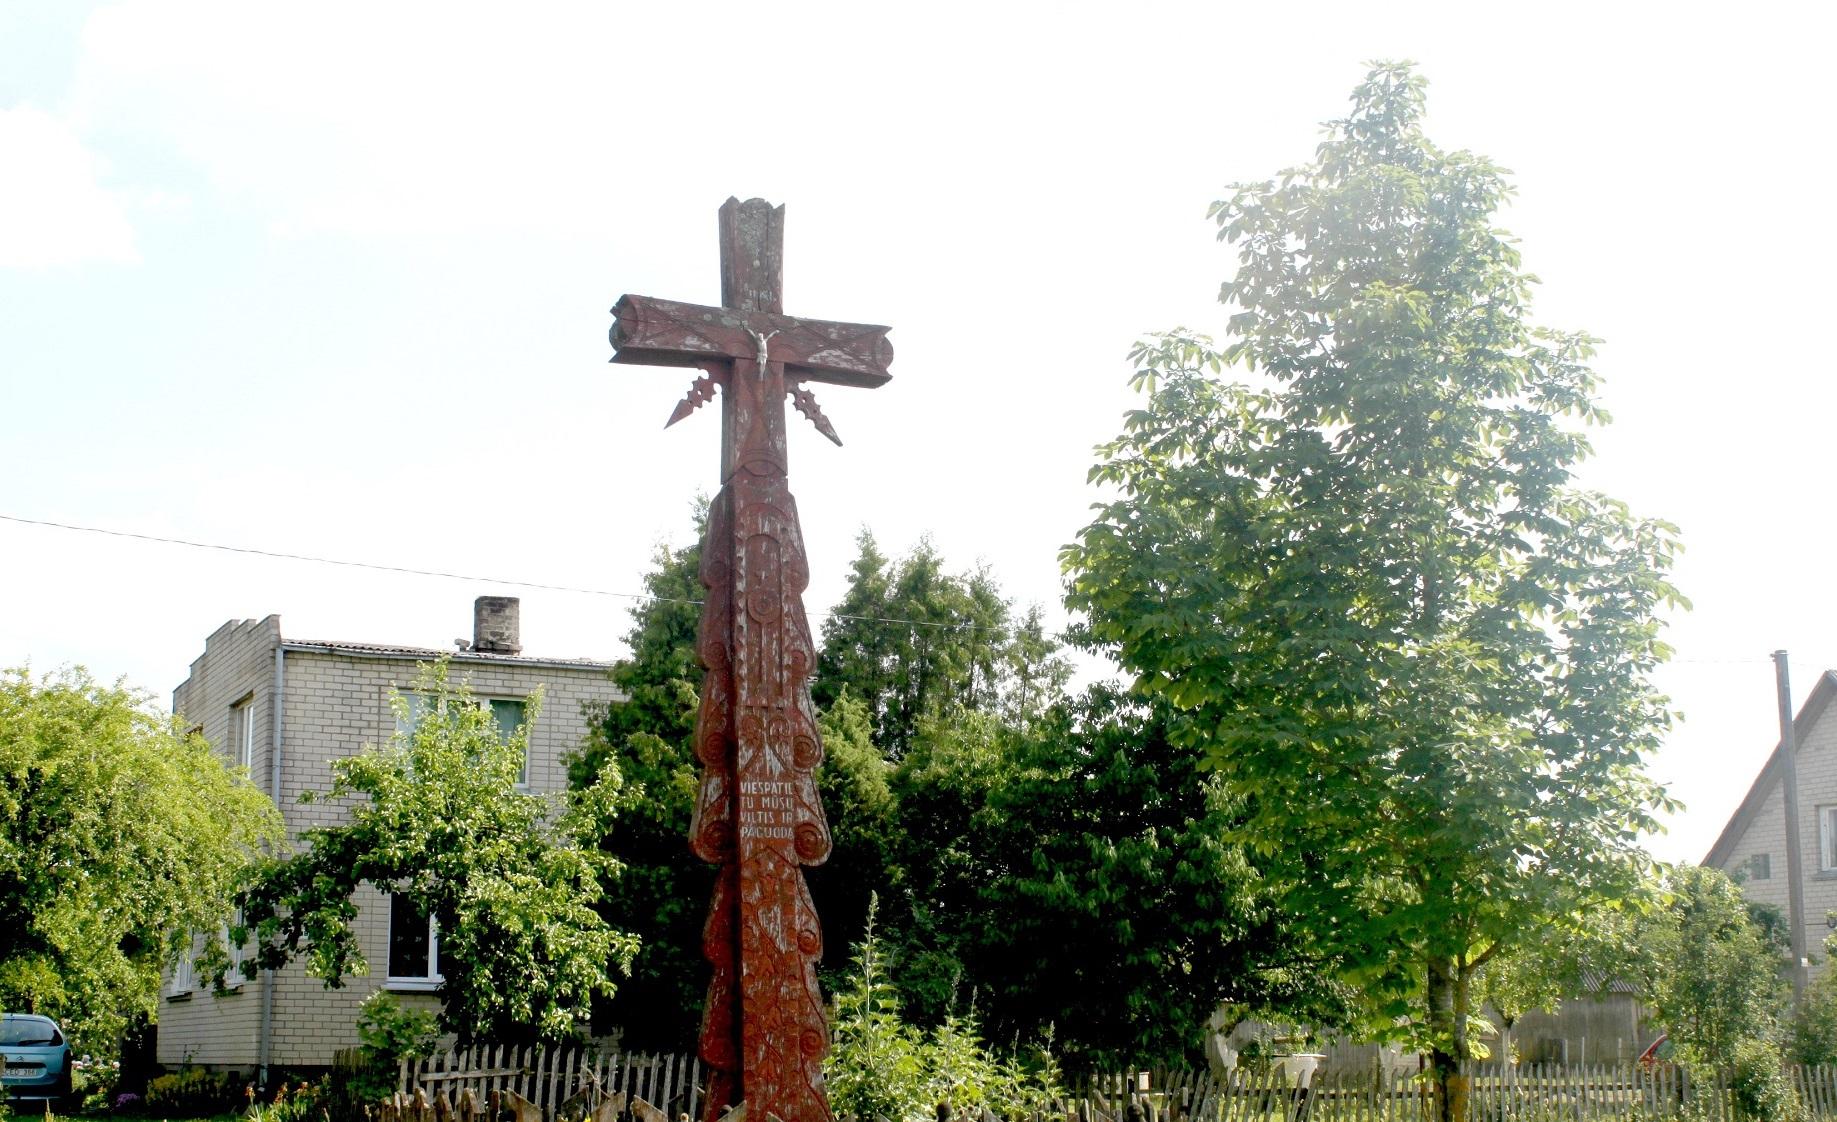 Kadaise senolių statytas ir laiko jau paženklintas kaimo kryžius. V. Petrilevičienės nuotr.